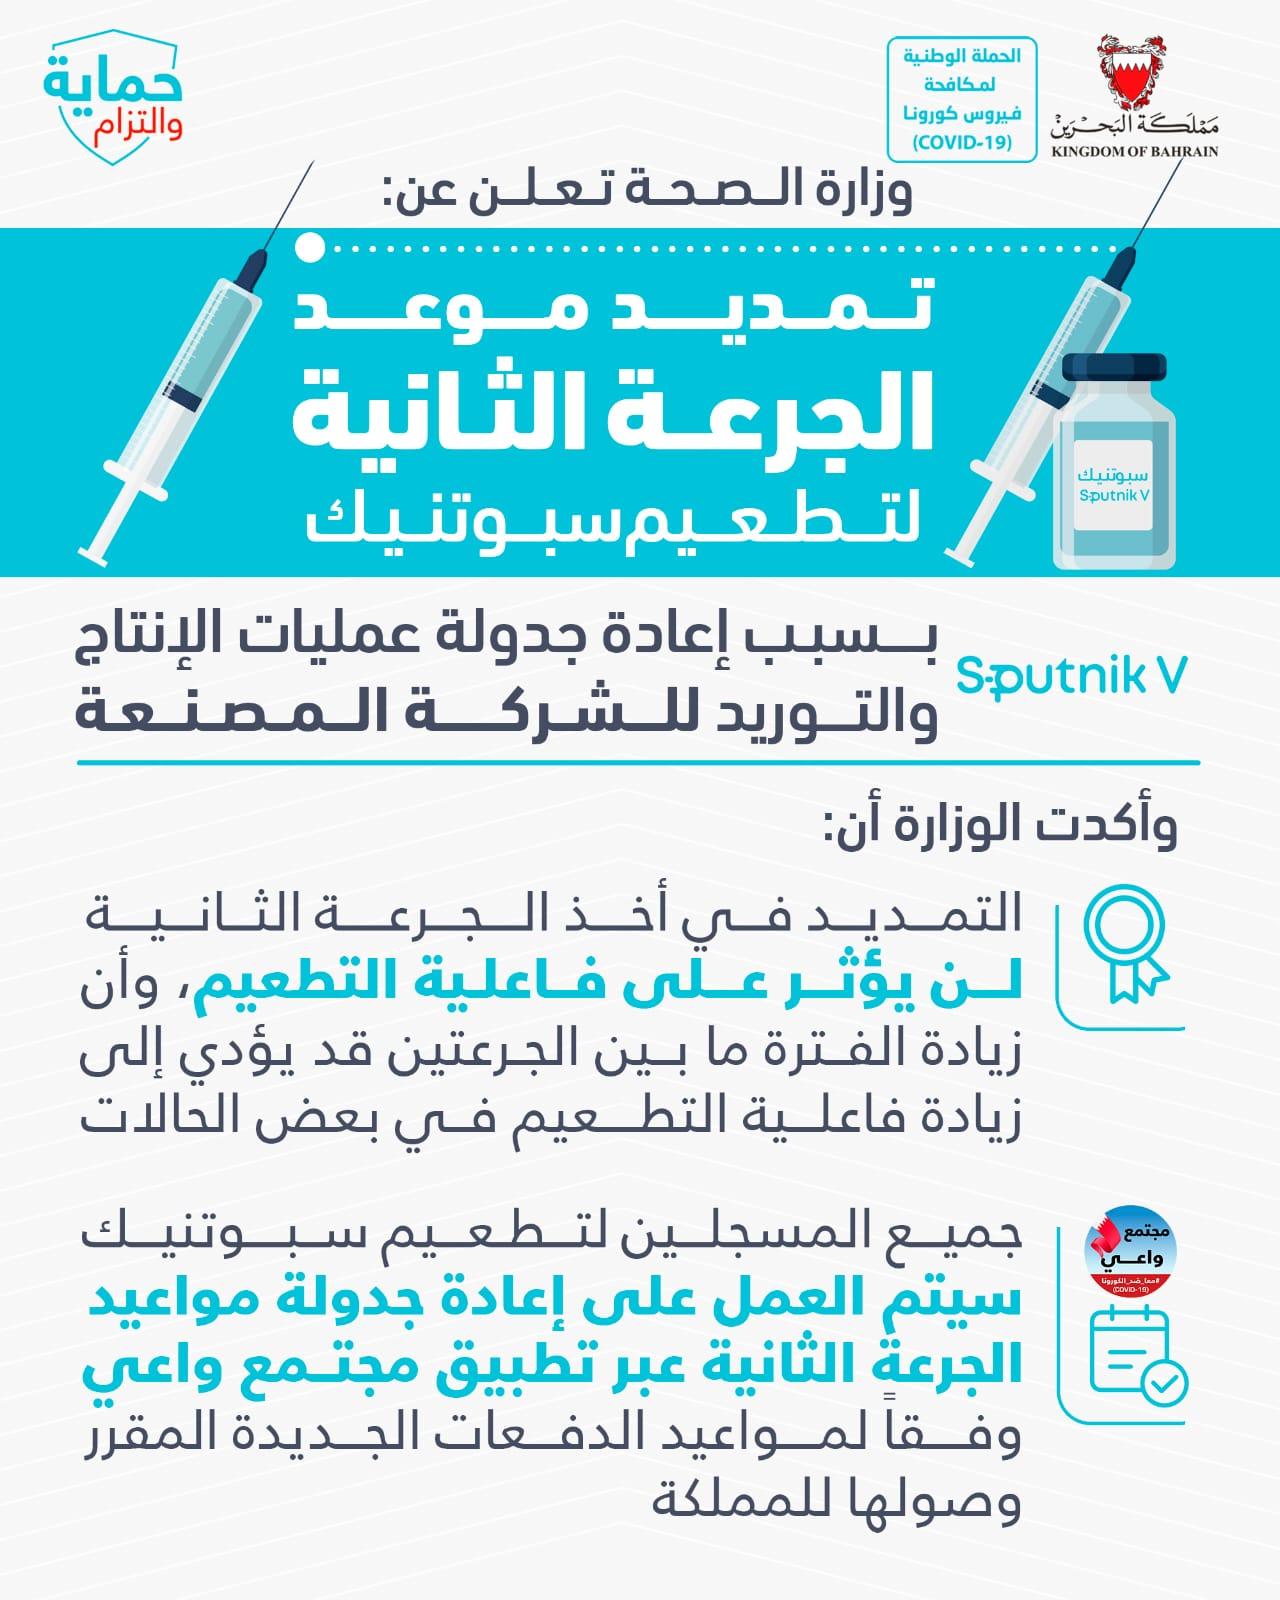 وزارة الصحة تعلن عن تمديد موعد الجرعة الثانية لتطعيم سبوتنيك بسبب إعادة جدولة عمليات الانتاج والتوريد للشركة المصنعة